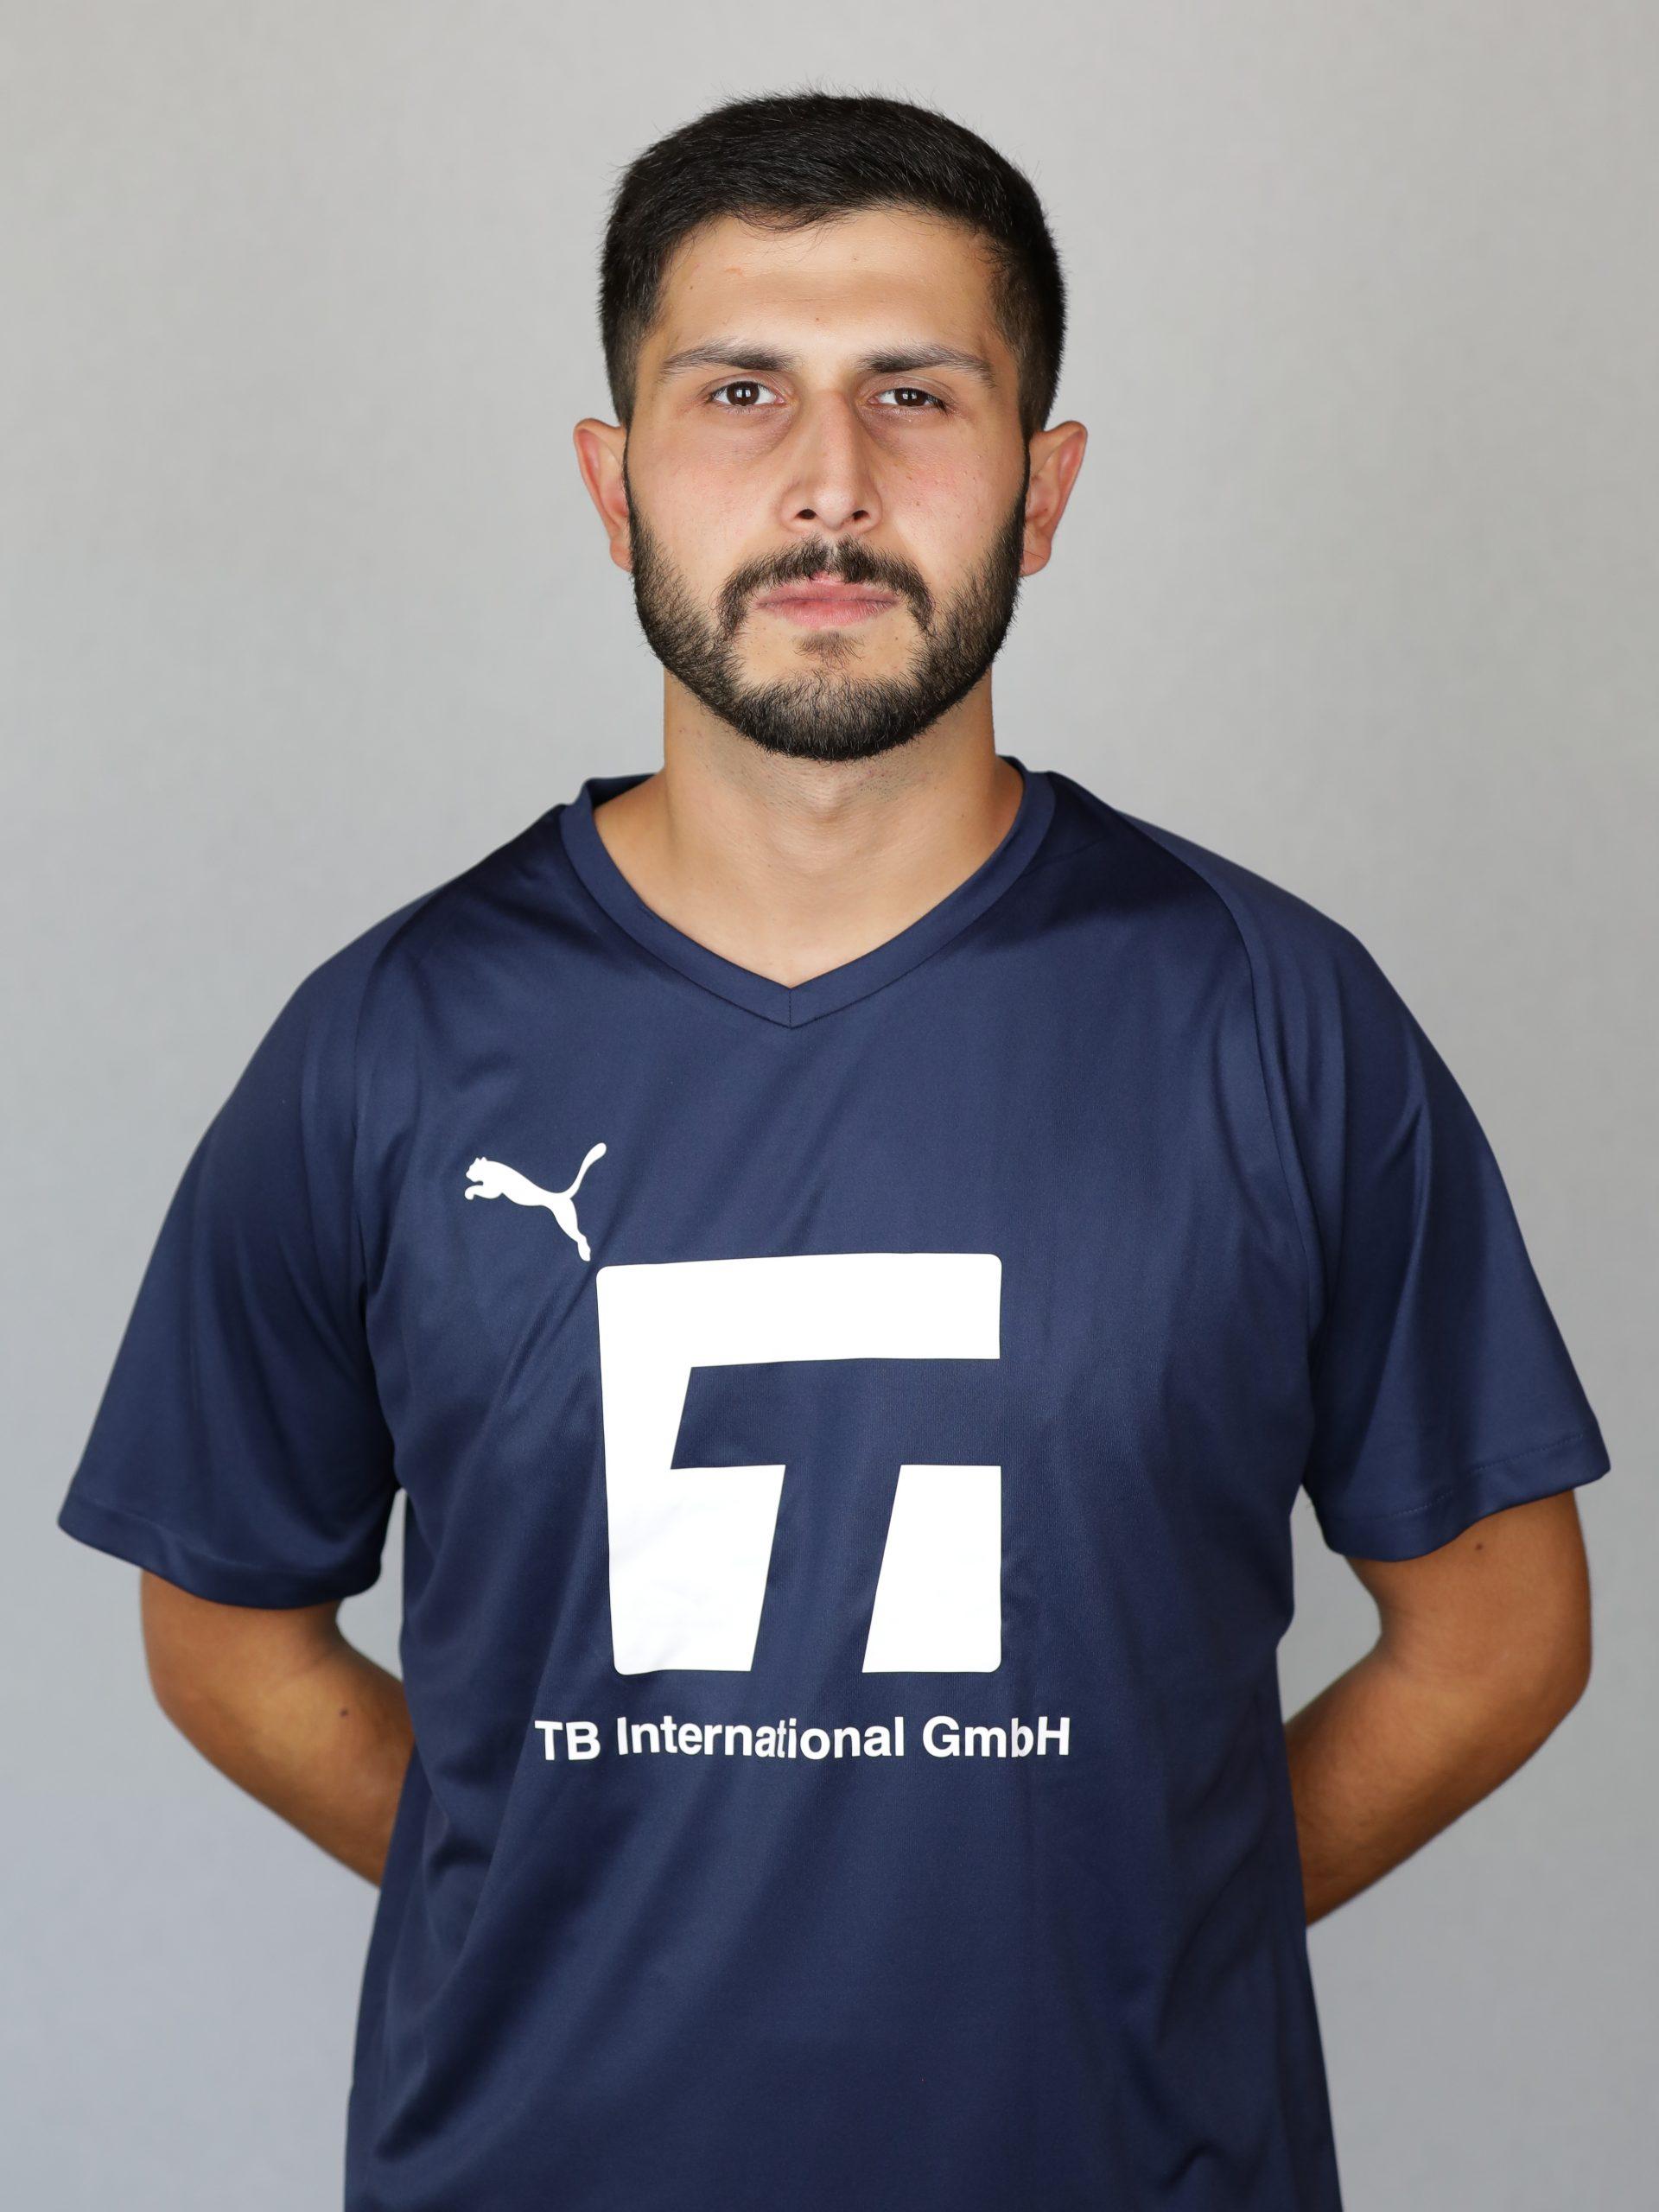 Turgay Yilmaz